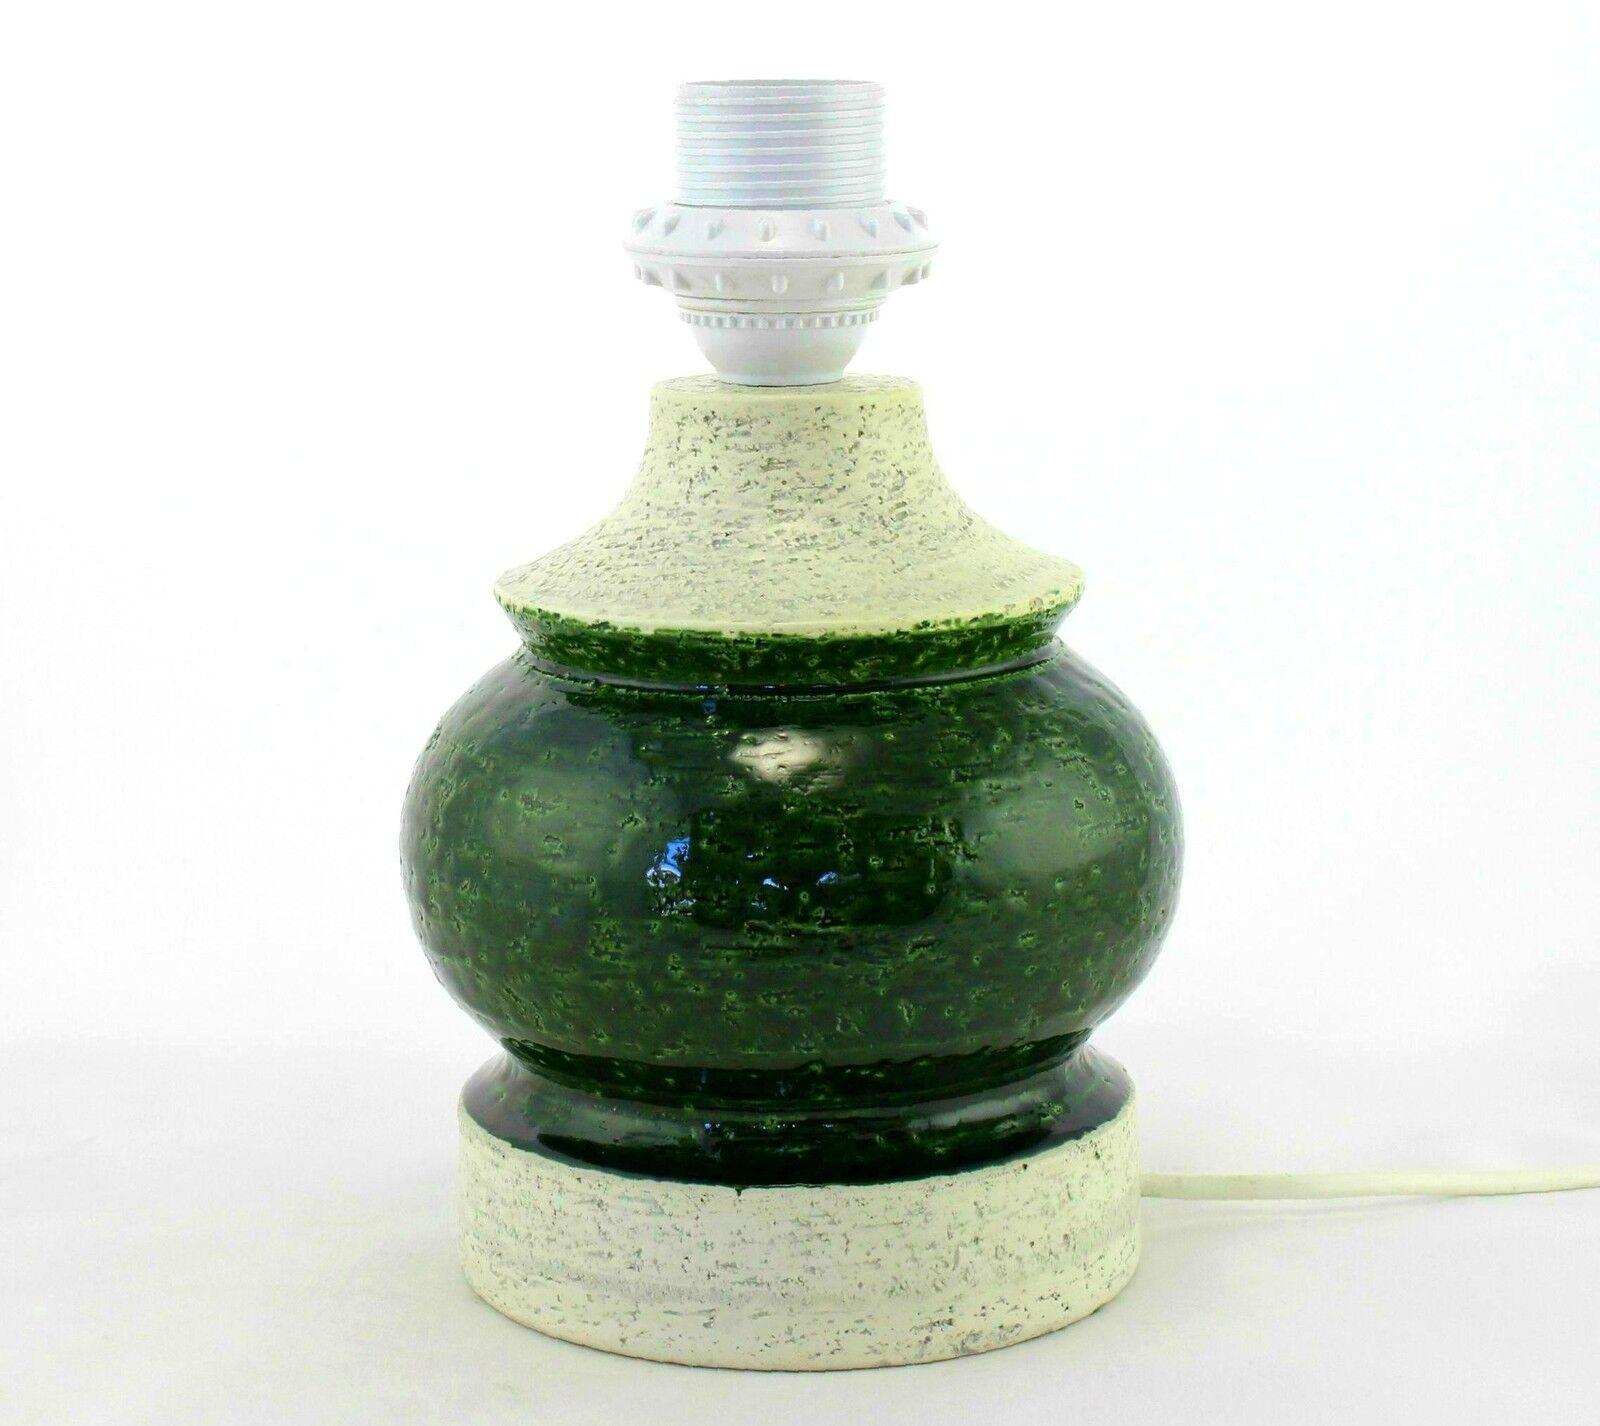 Eine Italienische Studio Topfwaren Lampe Grün und Weiß 1960's 70's